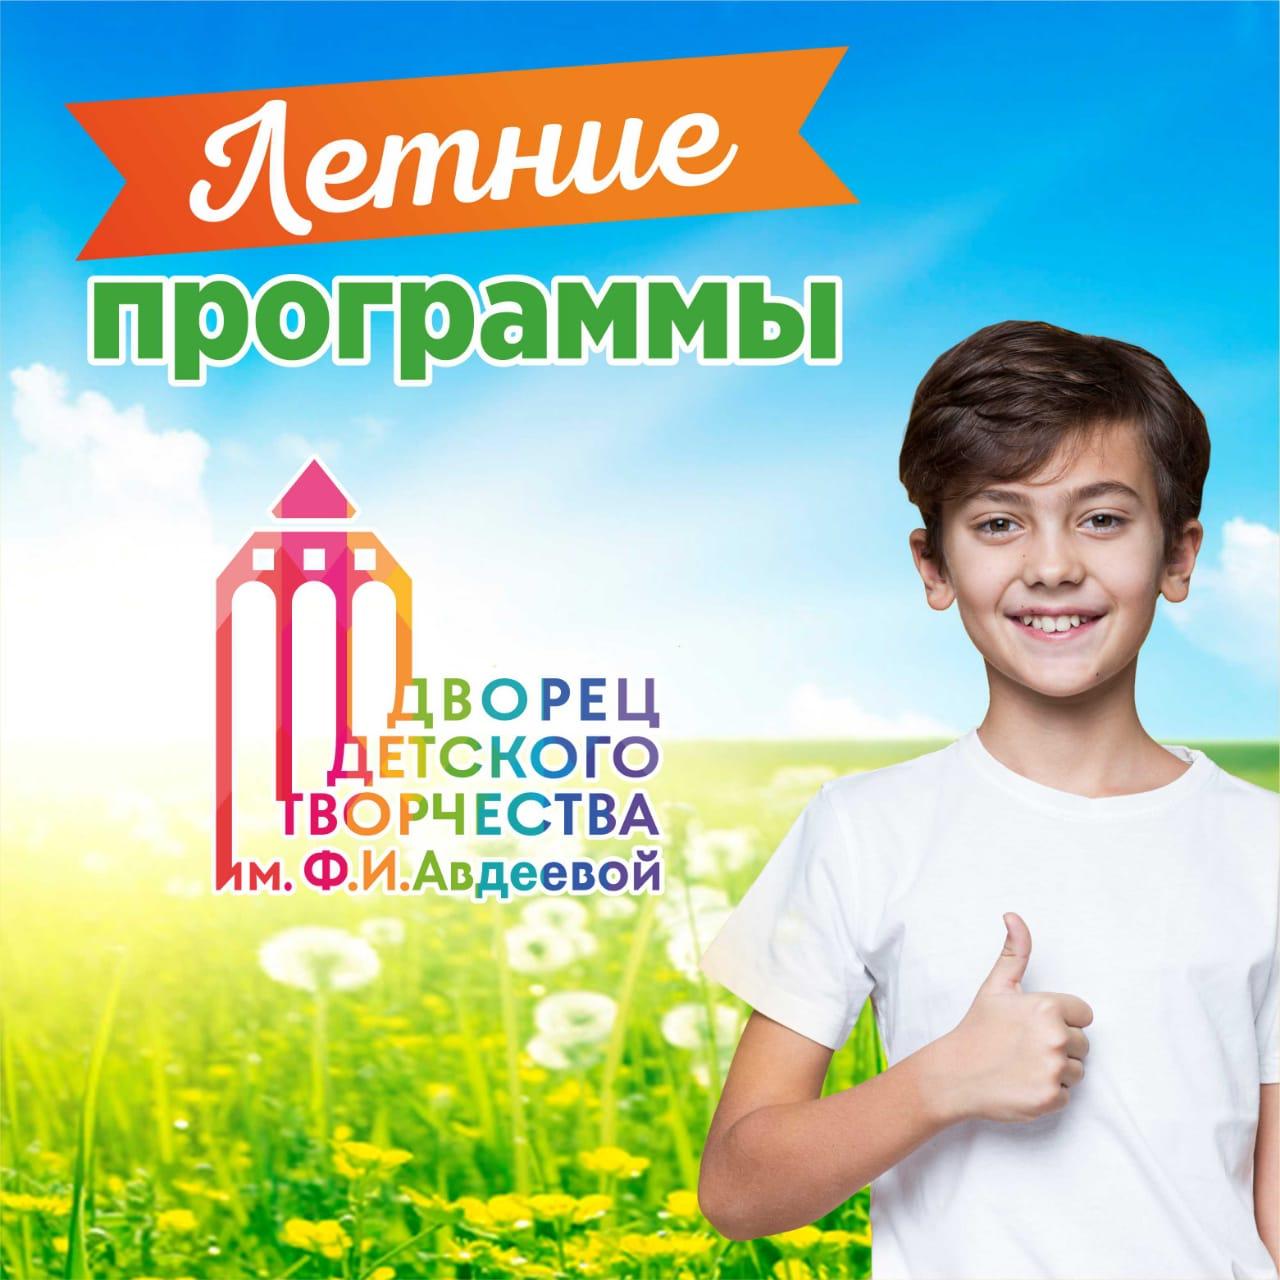 Дворец детского творчества предлагает летние программы для школьников